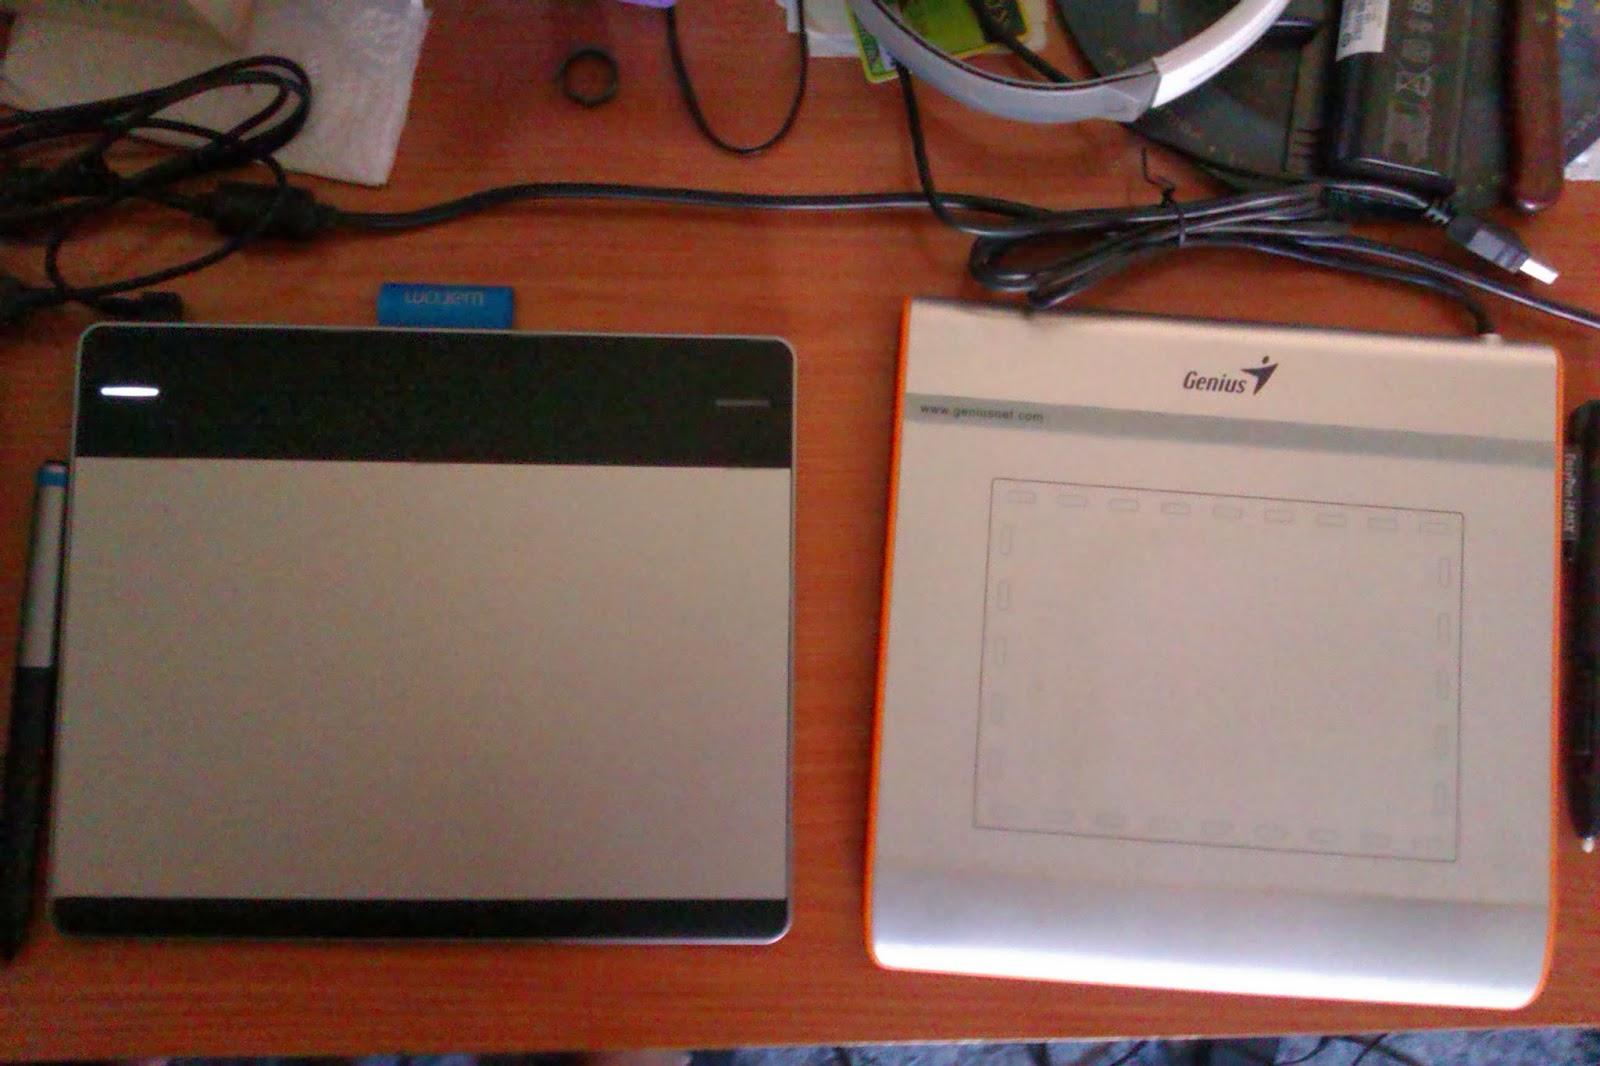 Genius EasyPen i405X & Wacom Intuos